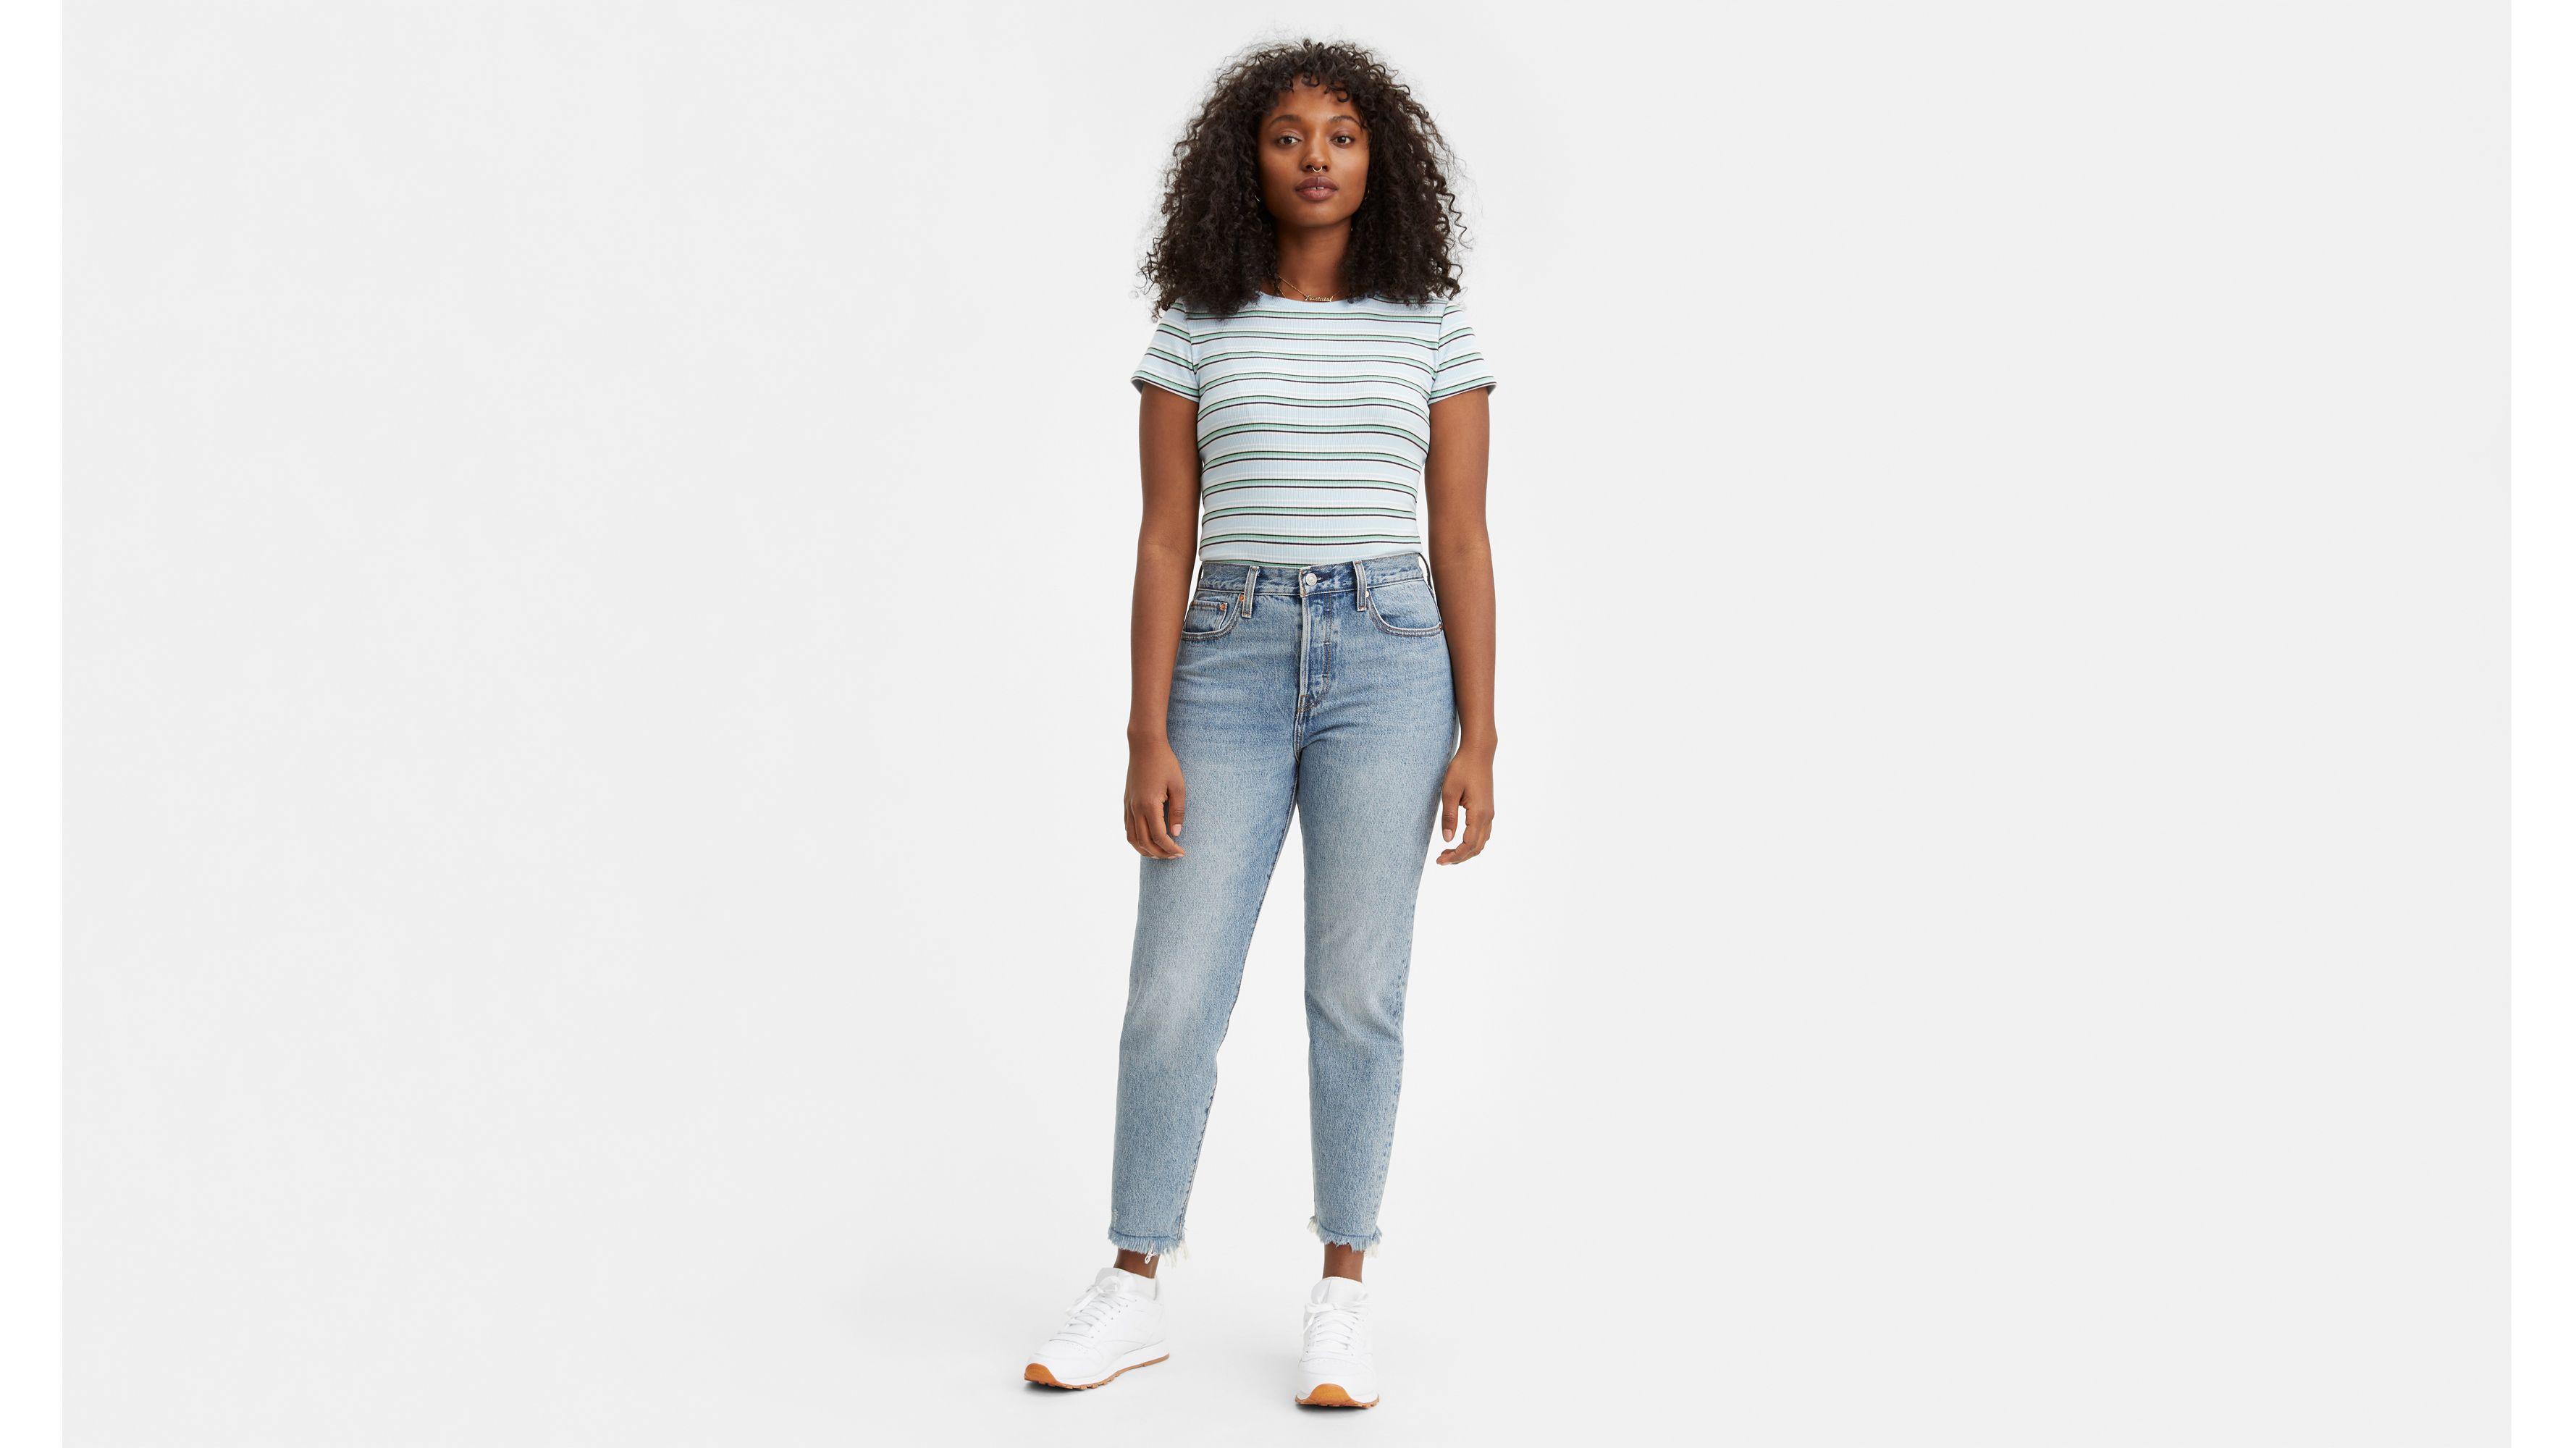 Wedgie Us Fit Jeans Levi s® Levi s dUnY7qzdx 4c3858a3904